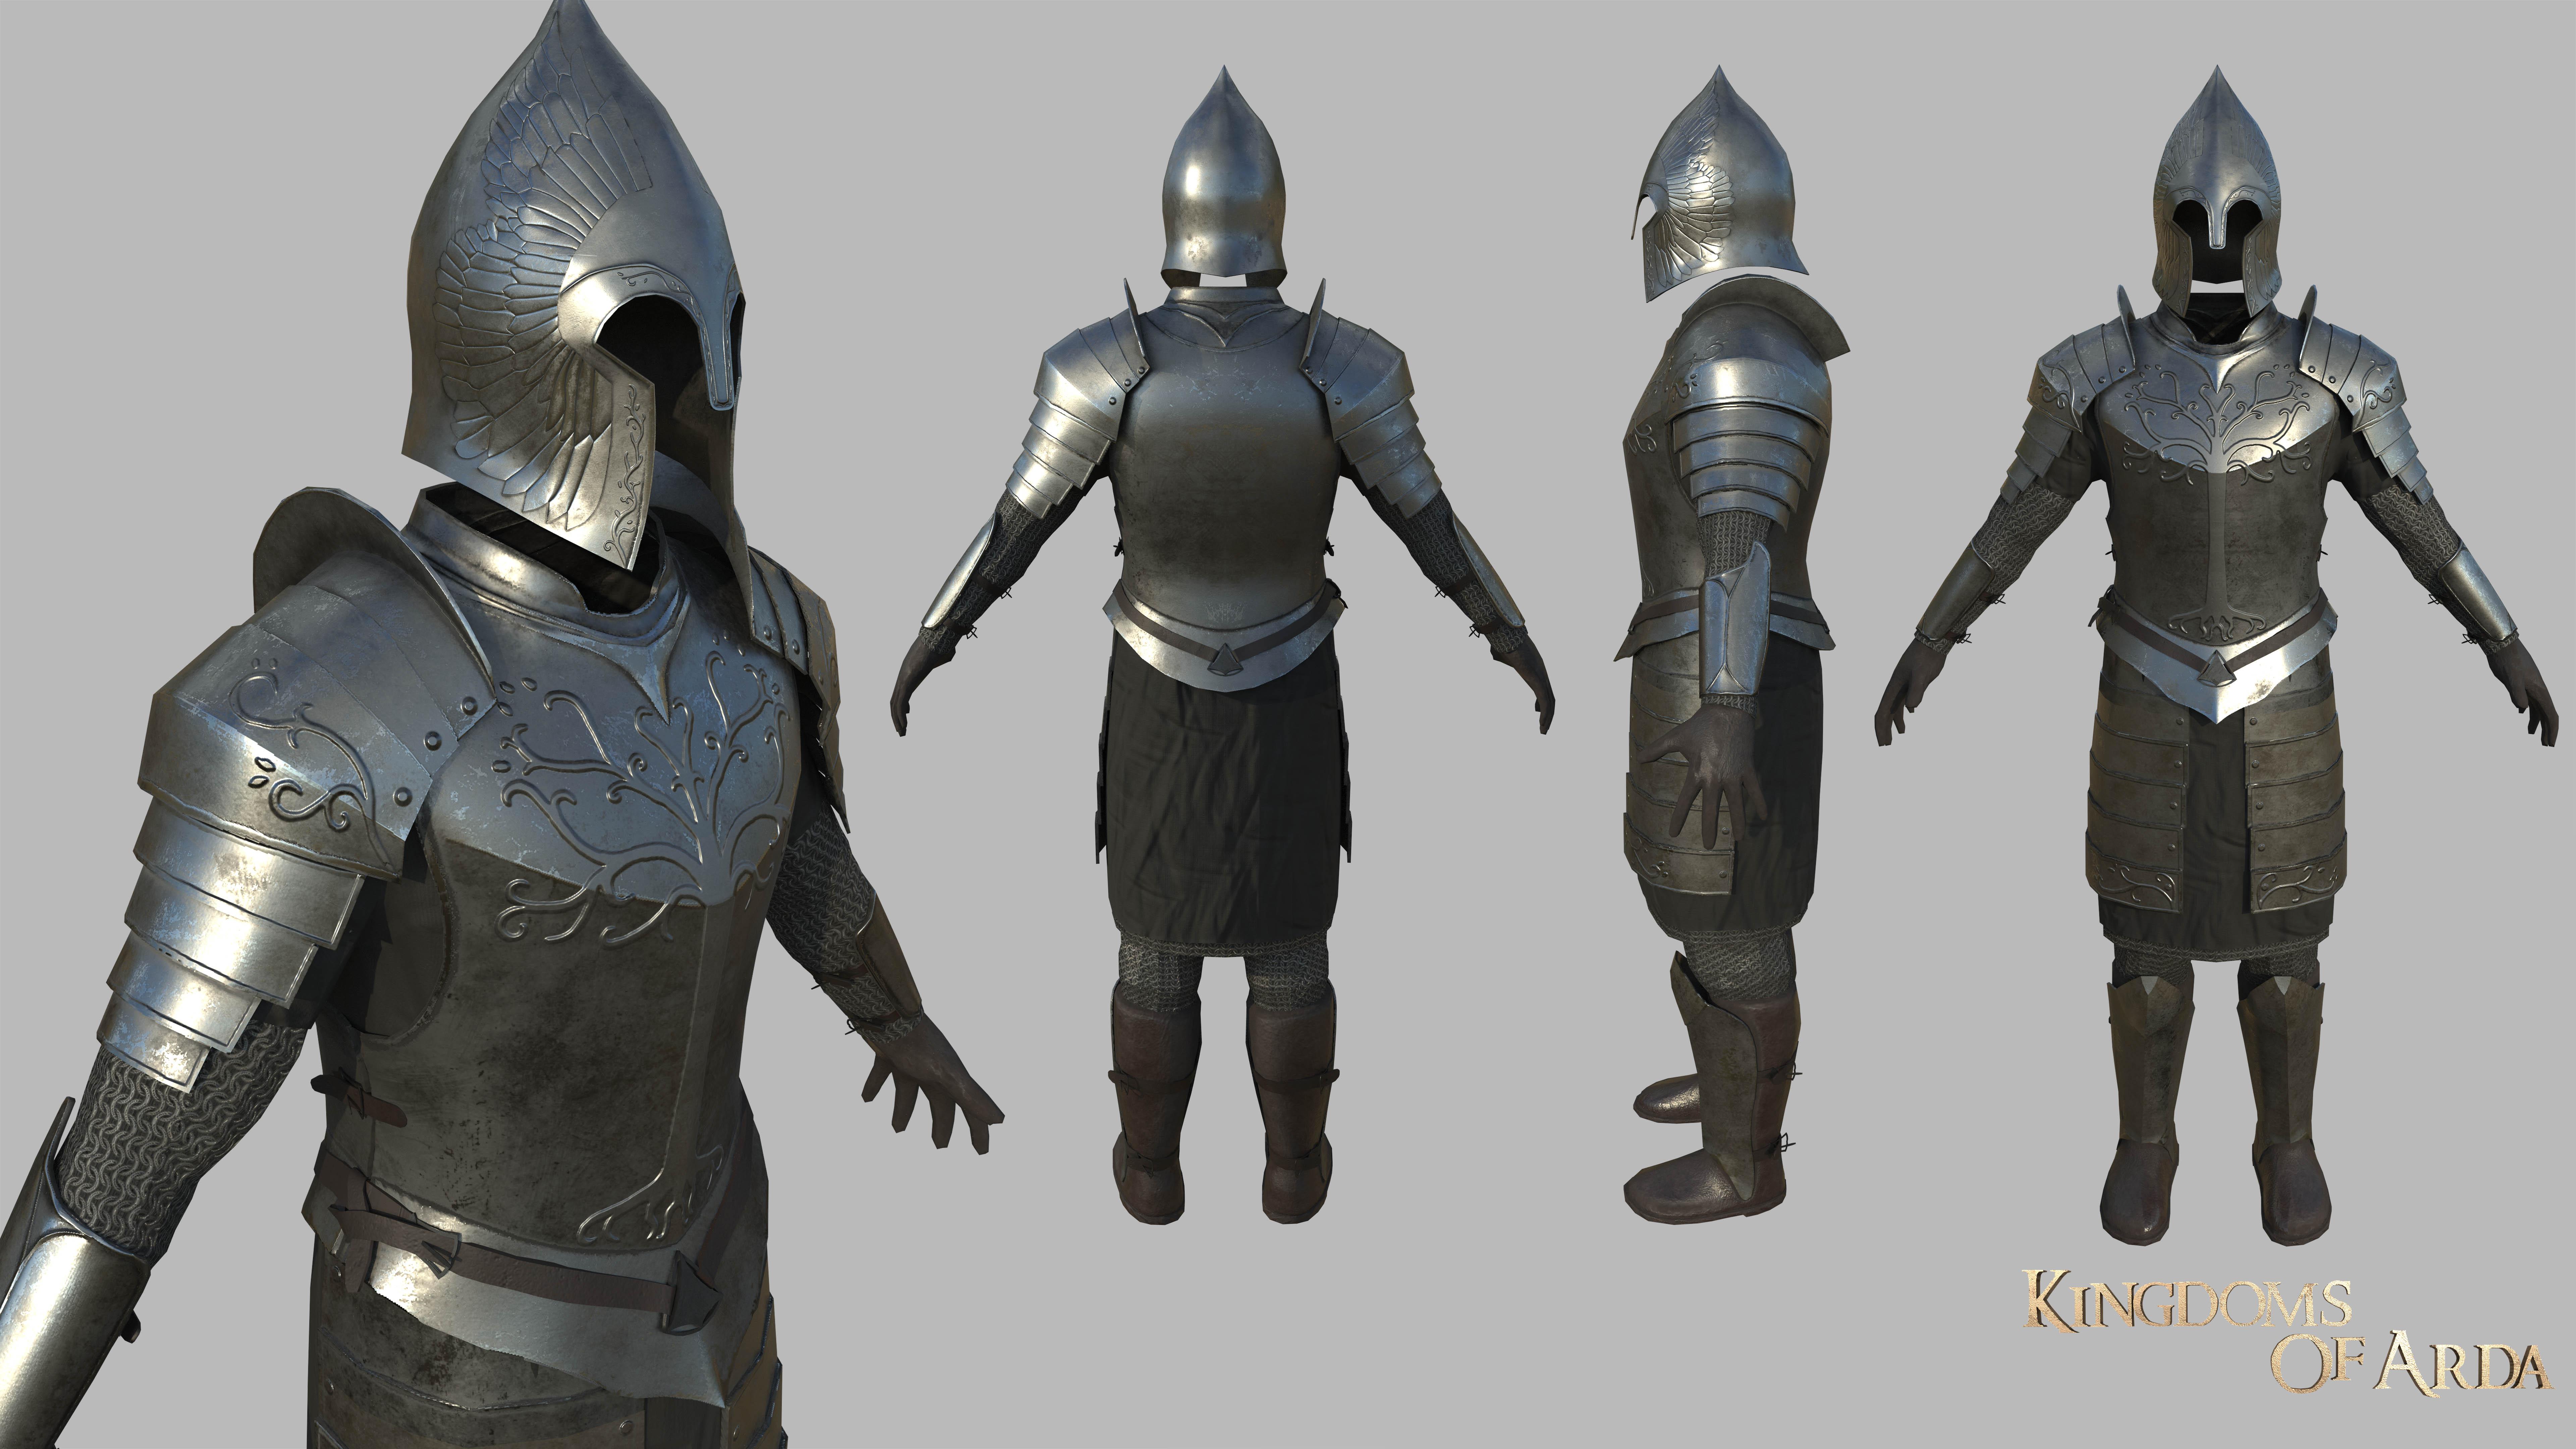 gondorHeavyArmour image - Kingdoms of Arda mod for Mount ...  gondorHeavyArmo...